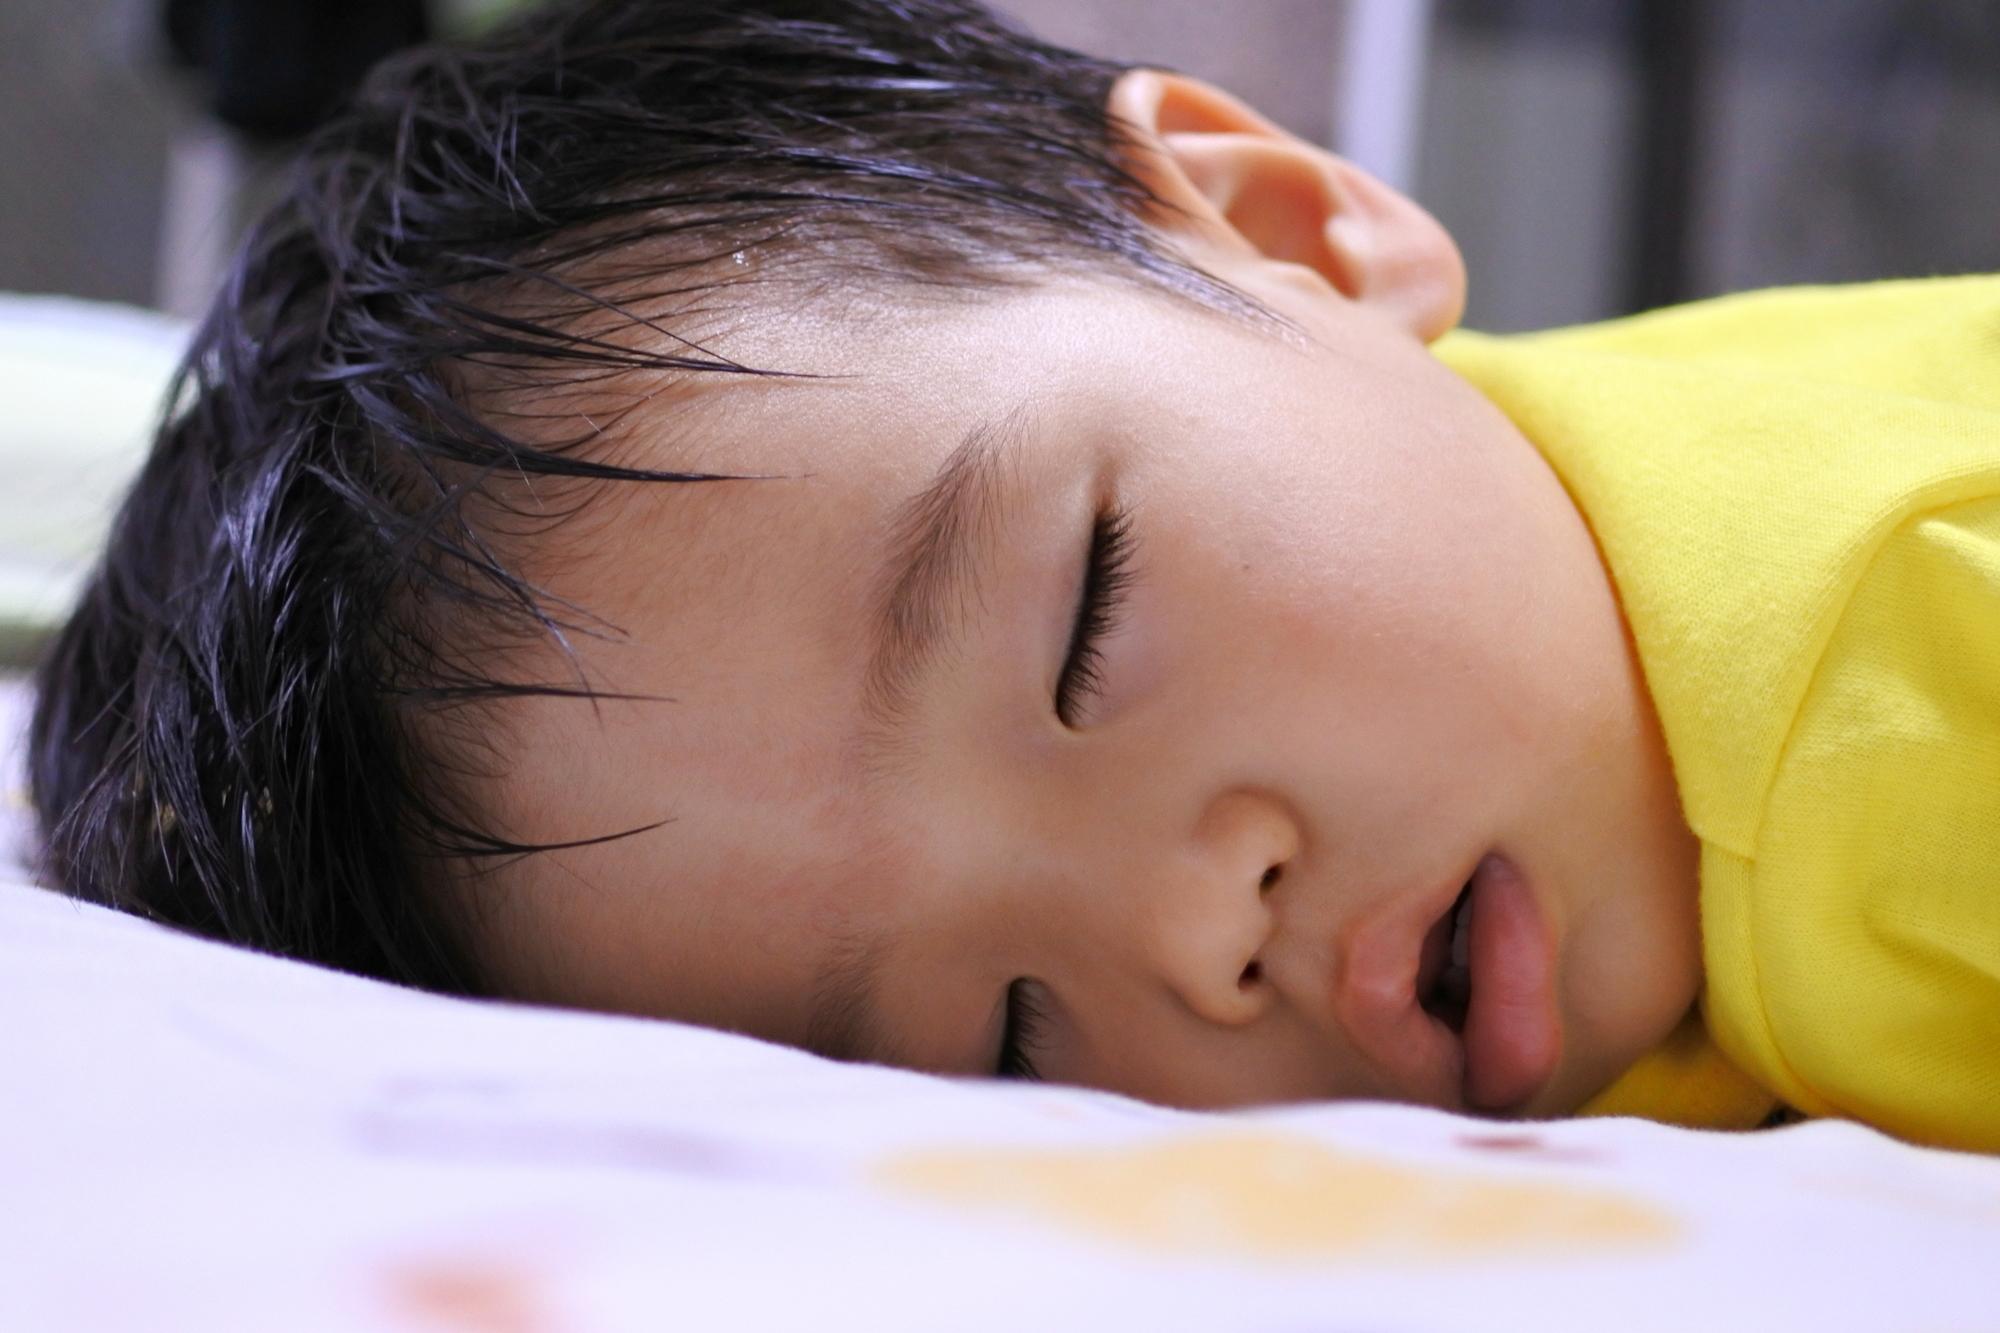 【医師解説】赤ちゃんの寝汗がすごい!これって大丈夫?季節別の対策を紹介